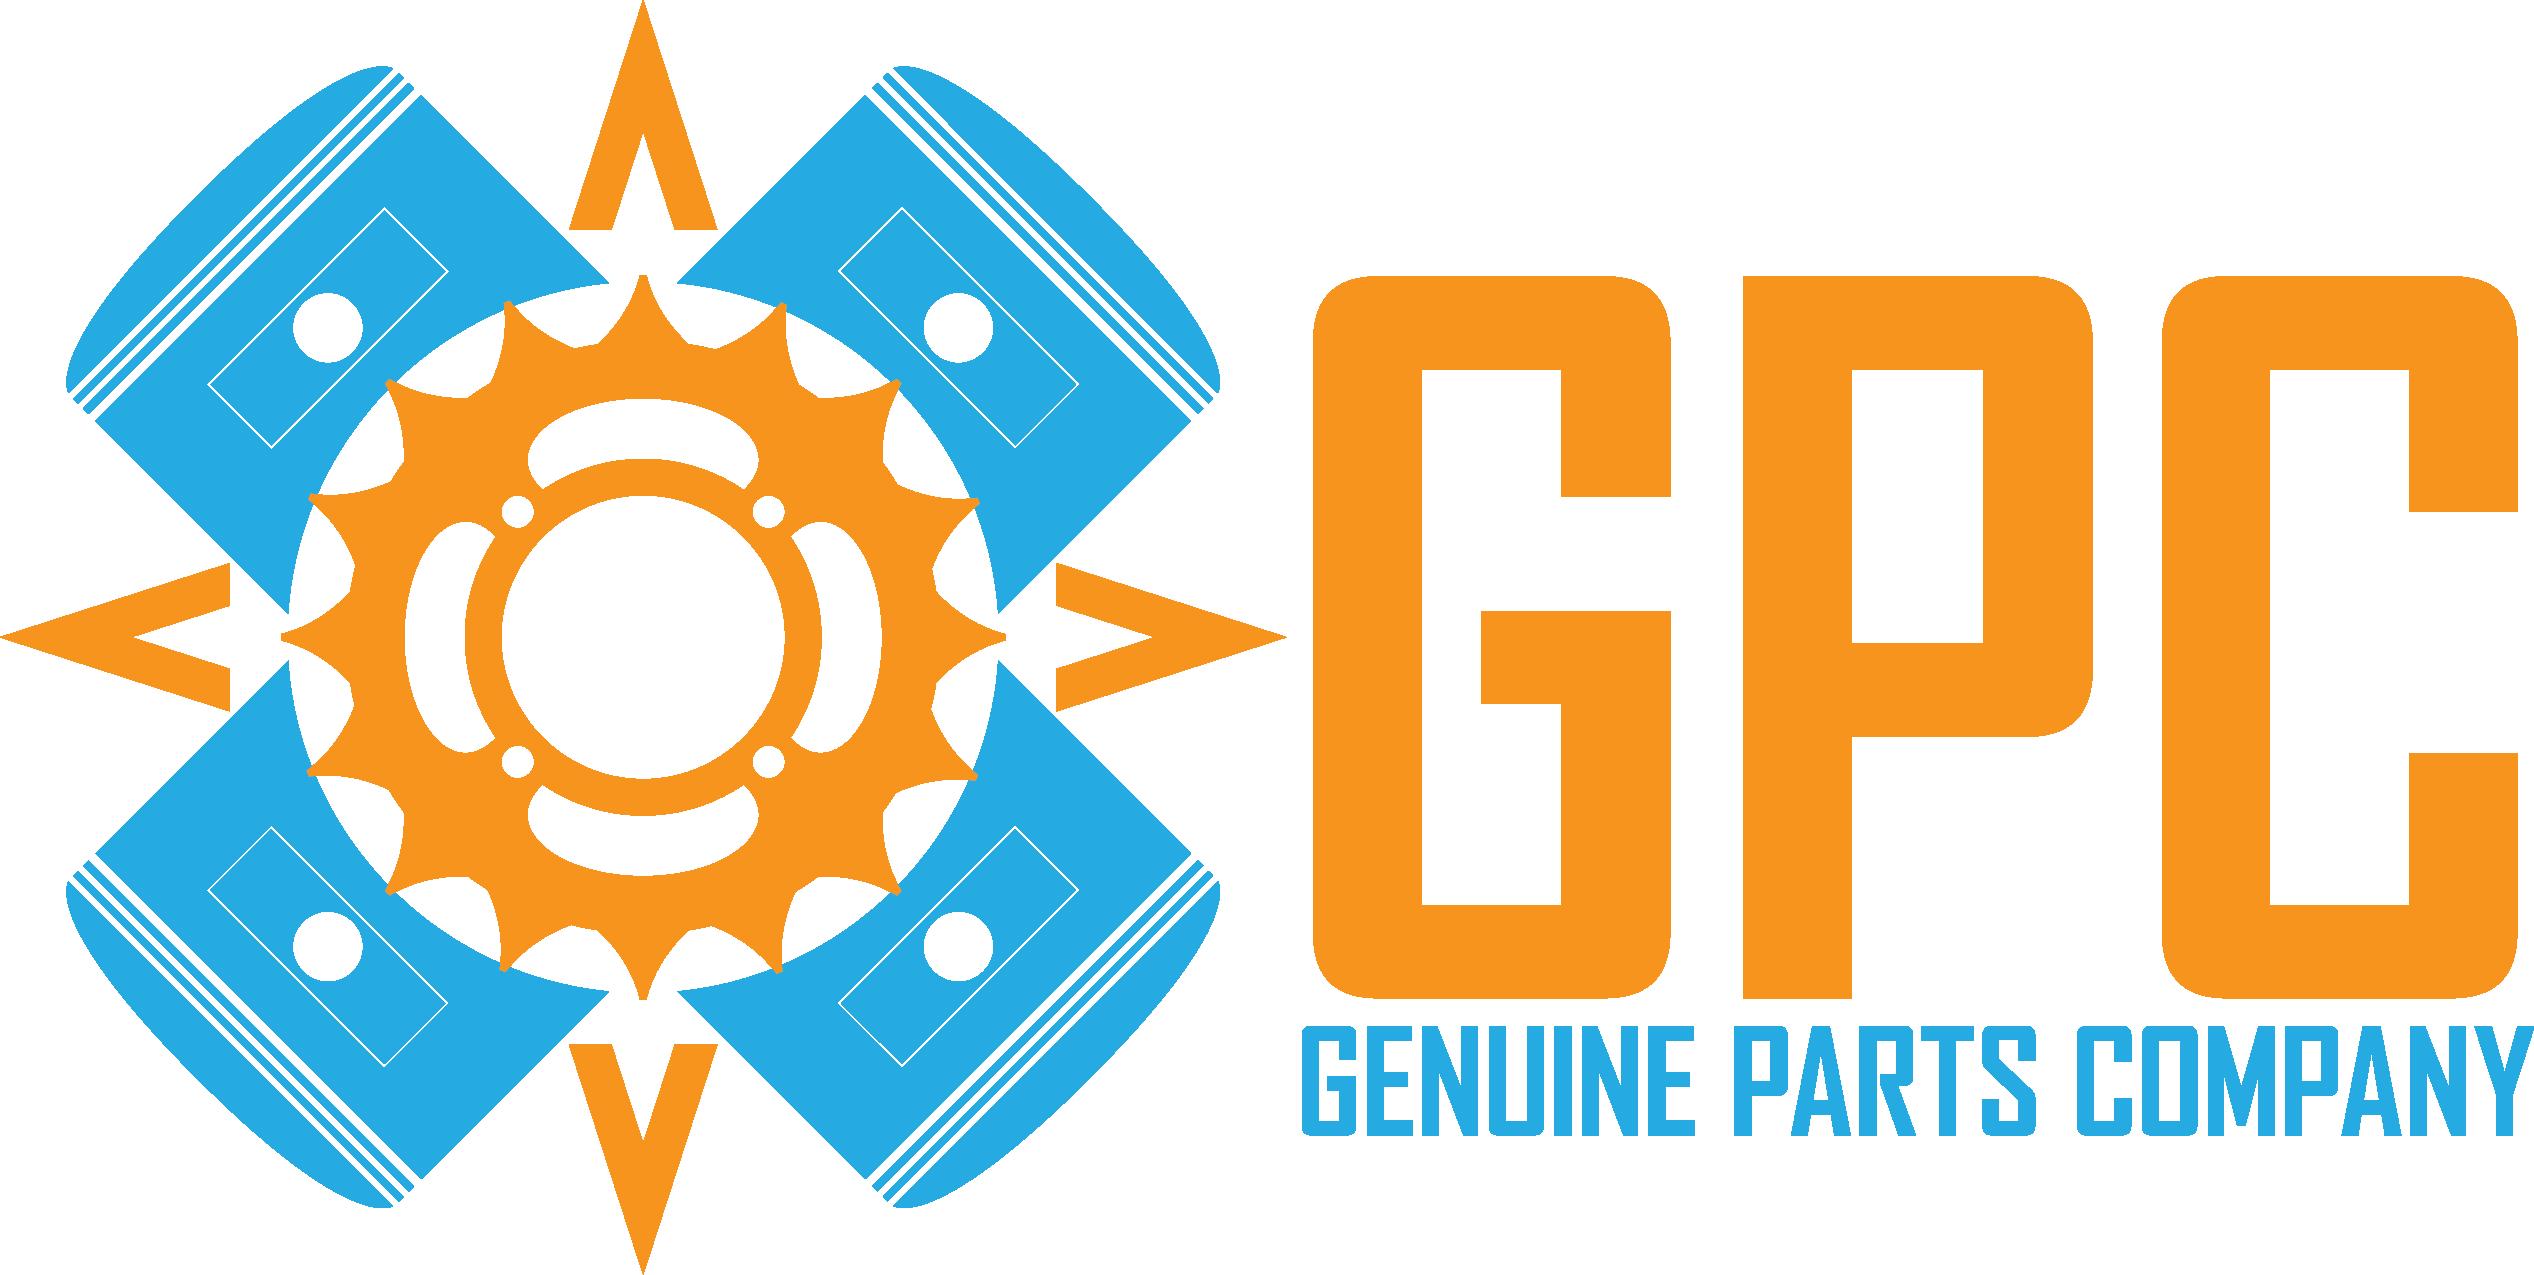 Logo Design by RG Nauj Solrak Opmaco - Entry No. 38 in the Logo Design Contest Captivating Logo Design for Genuine Parts Company.